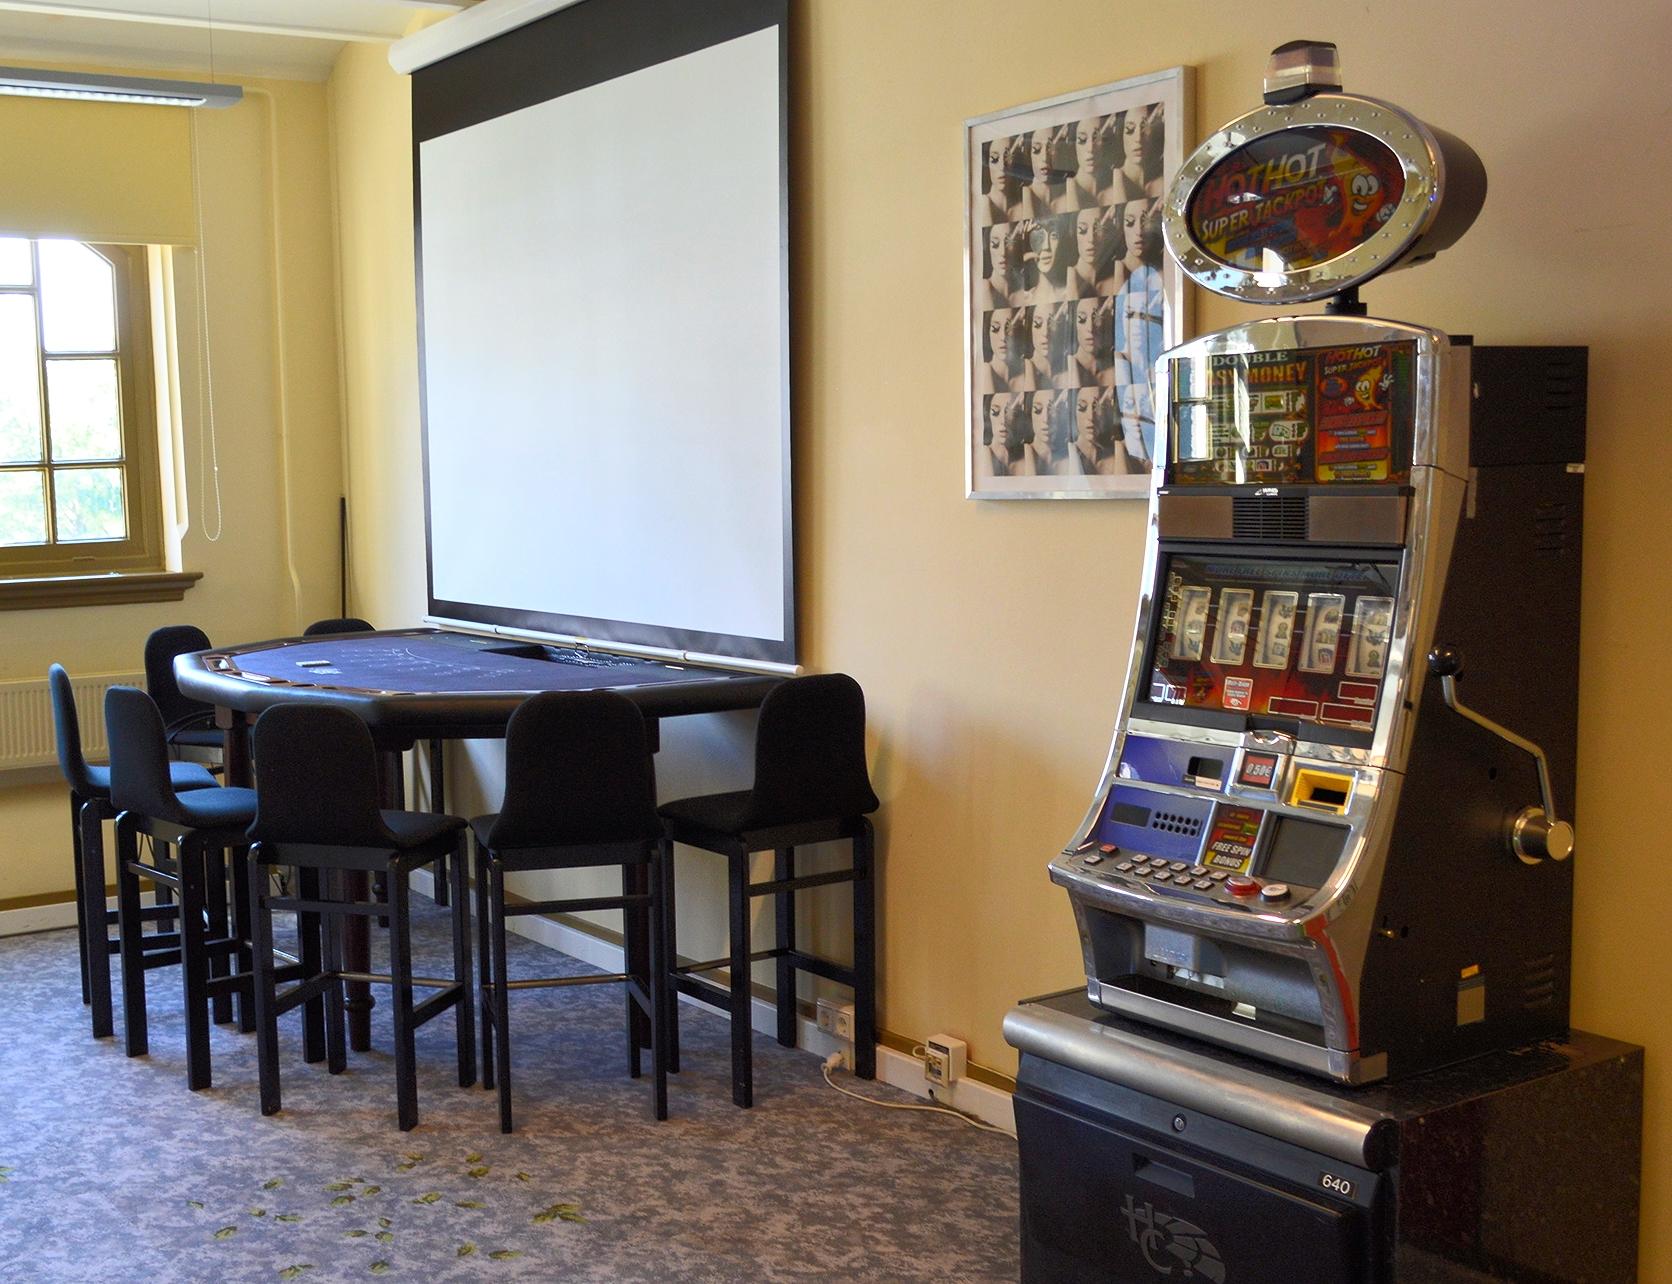 vergaderzaal-utrecht-zaalverhuur-vergaderlocatie-zaal huren-vergaderruimte-locaties.